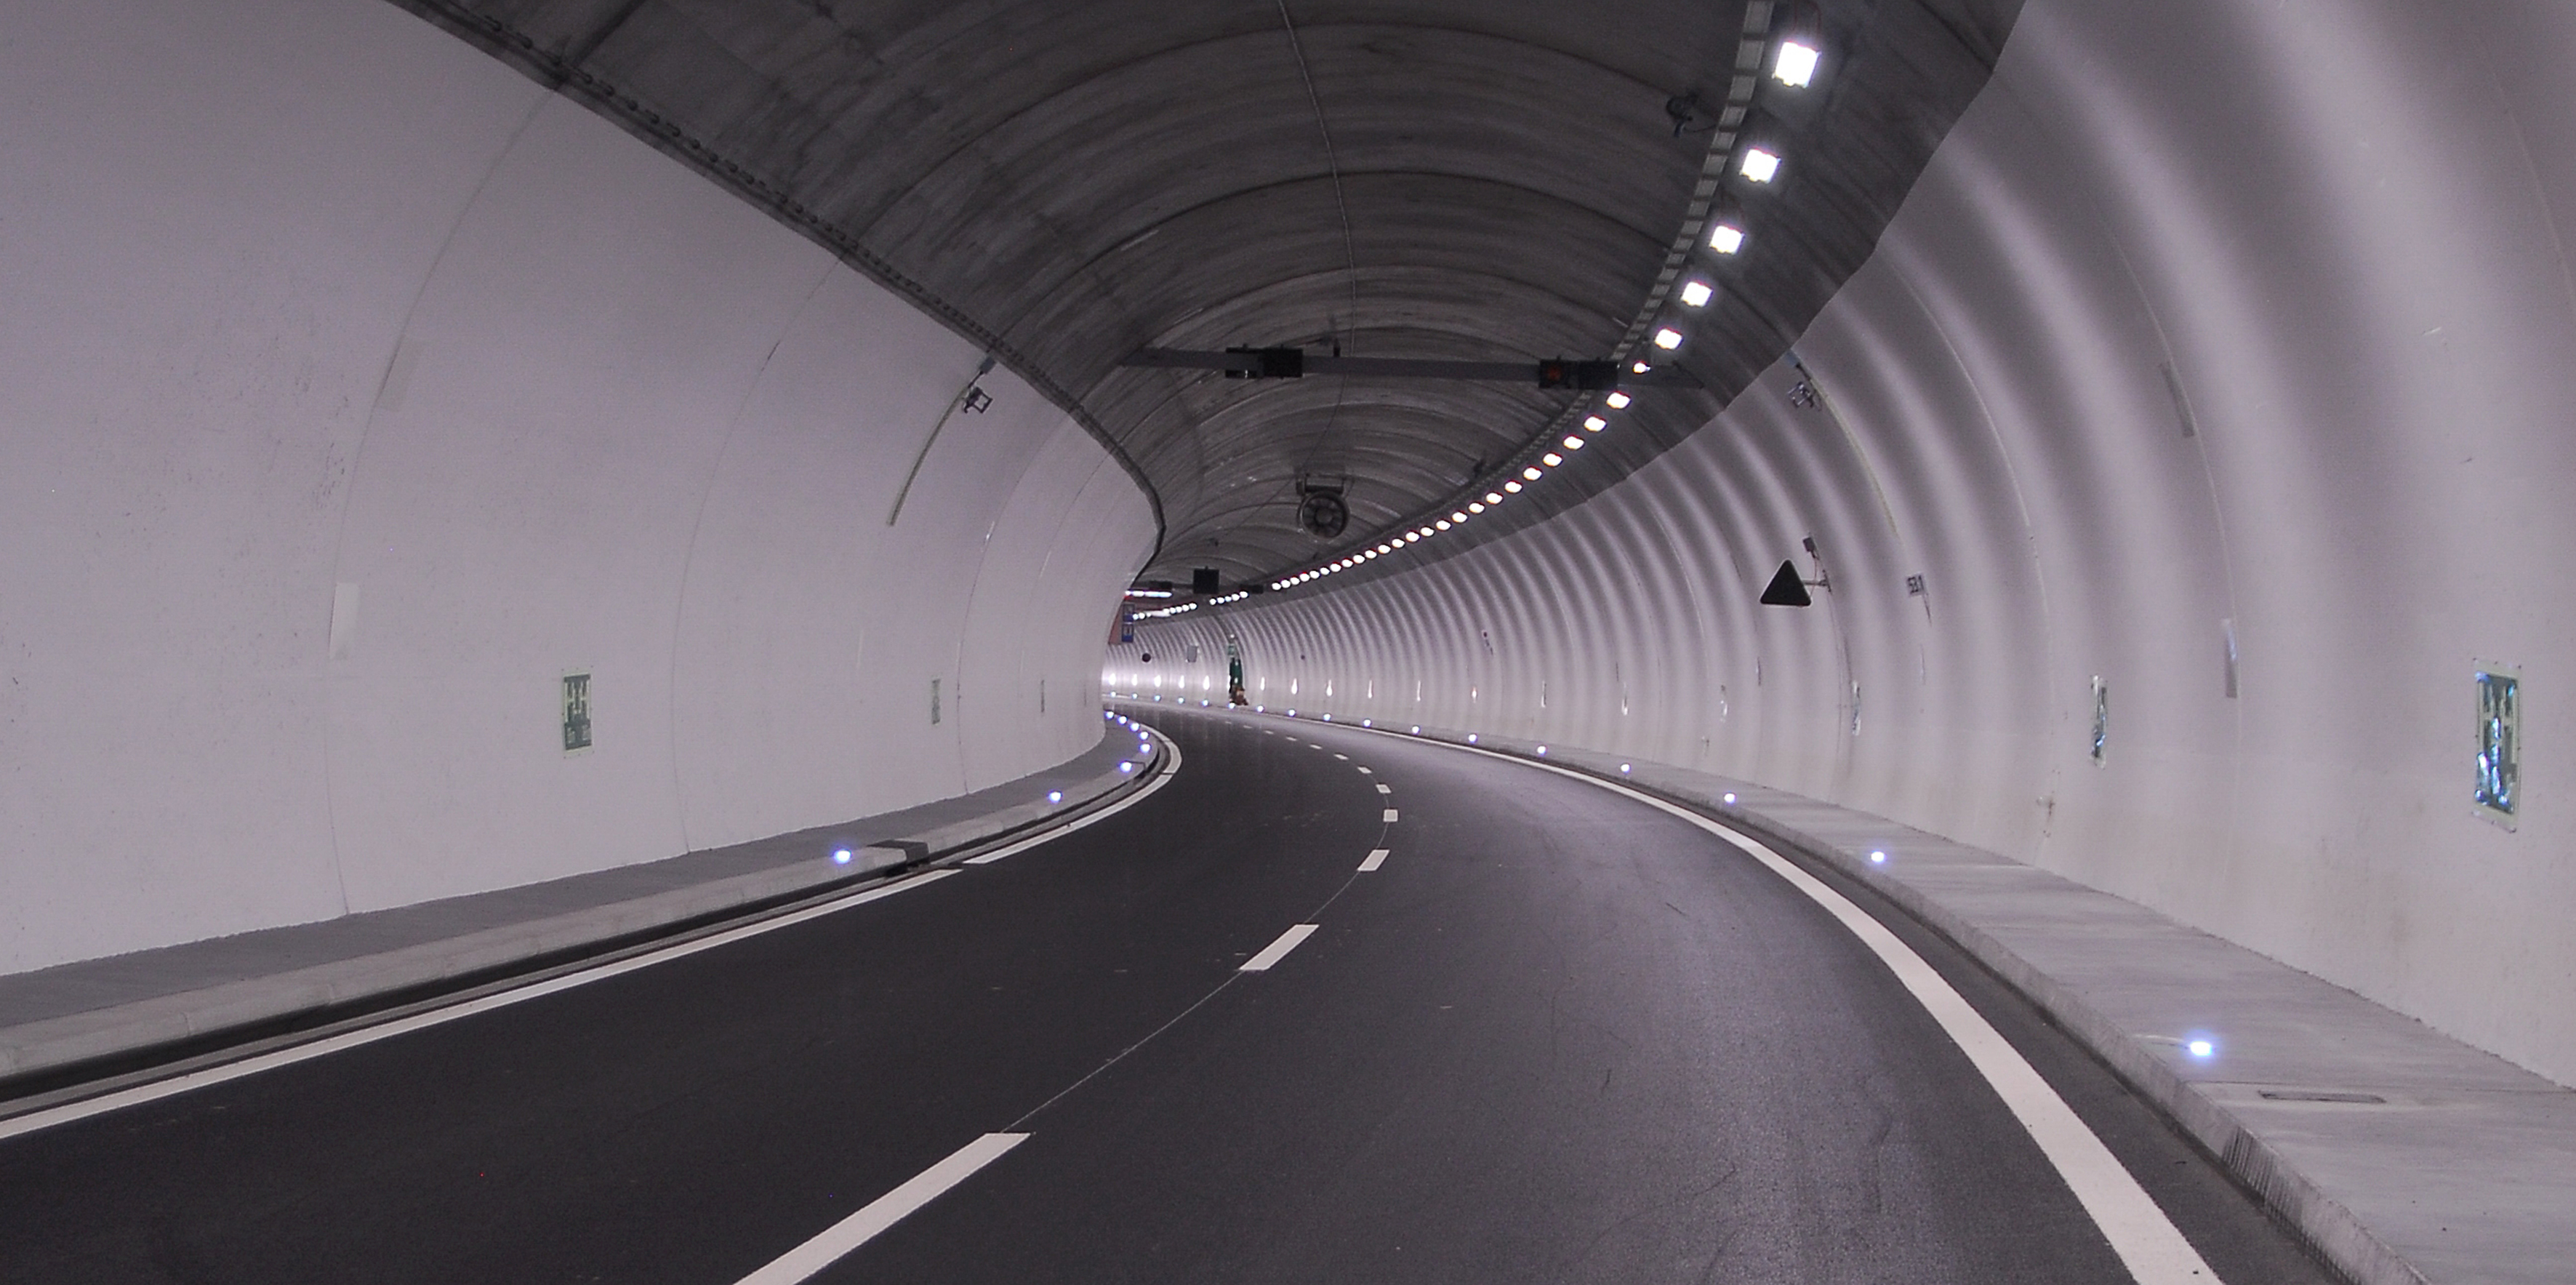 터널 화재 사고, 어떻게 대처해야 할까?